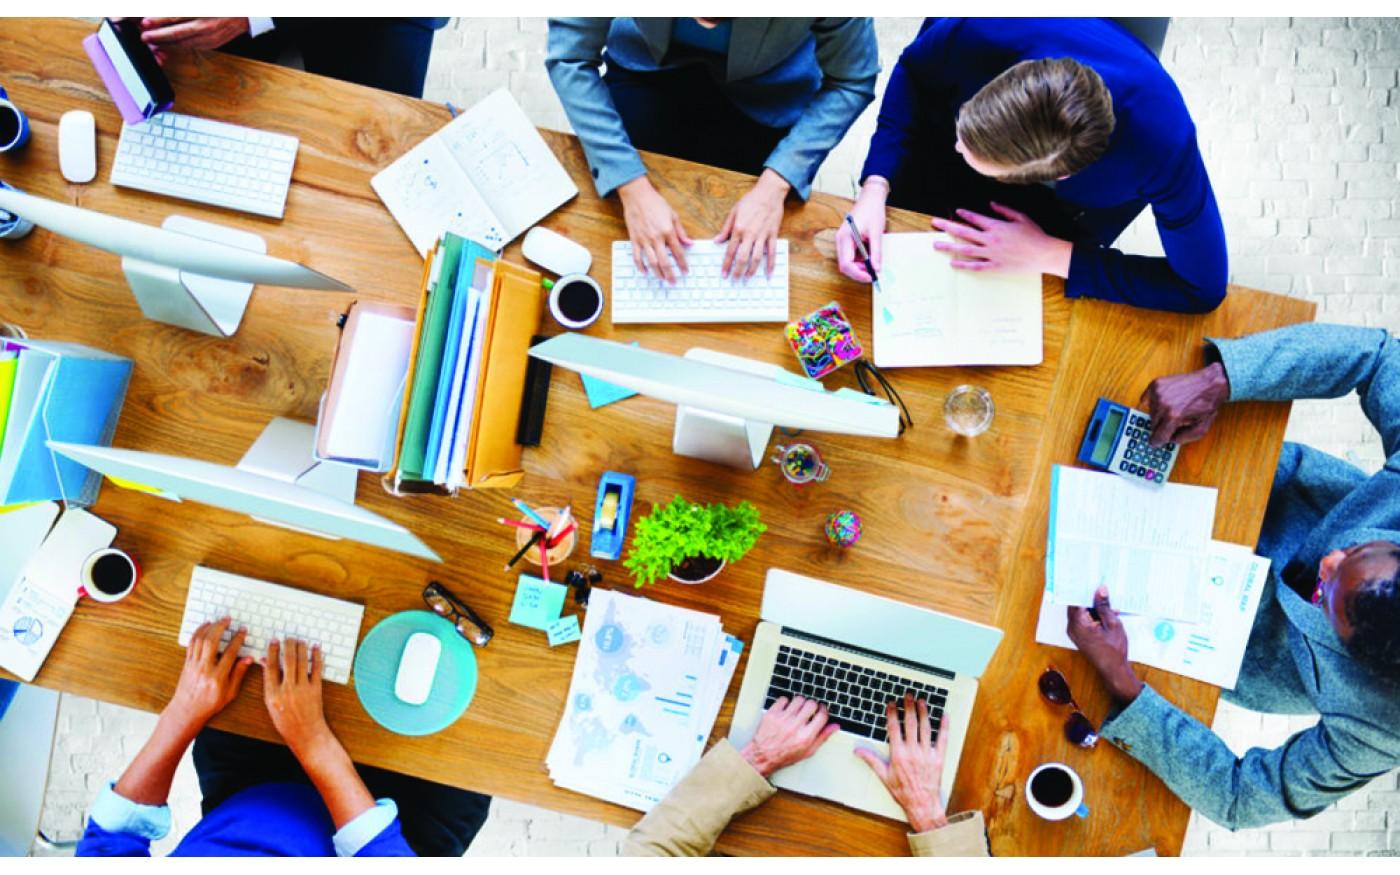 Những lưu ý để lựa chọn một Digital Marketing Agency chất lượng